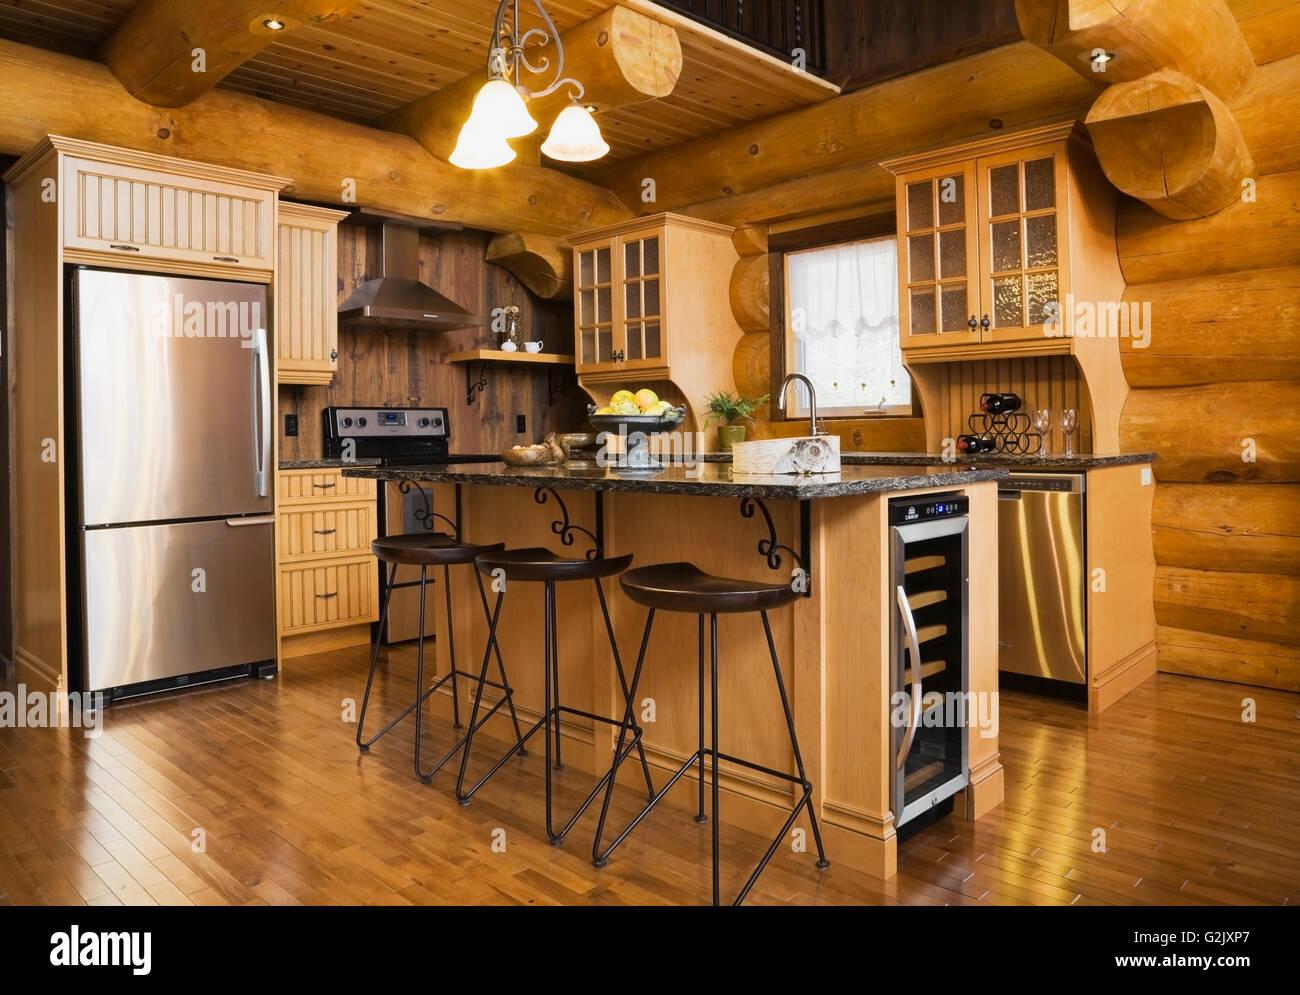 Cozinha Bancadas De Quartzo Ilha Banquetas Tipo Bar Dentro De Uma